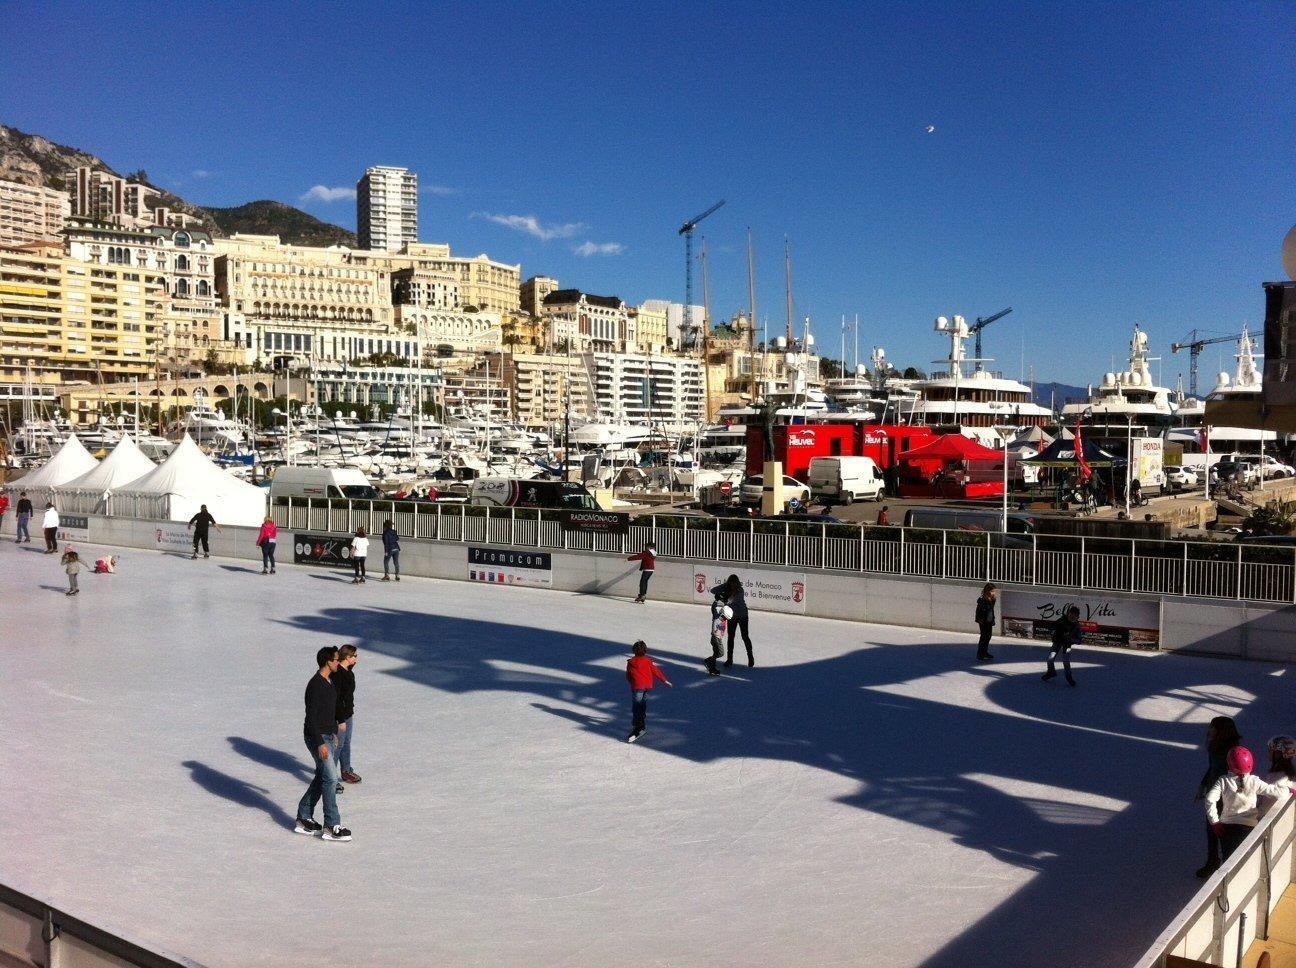 Monaco skating